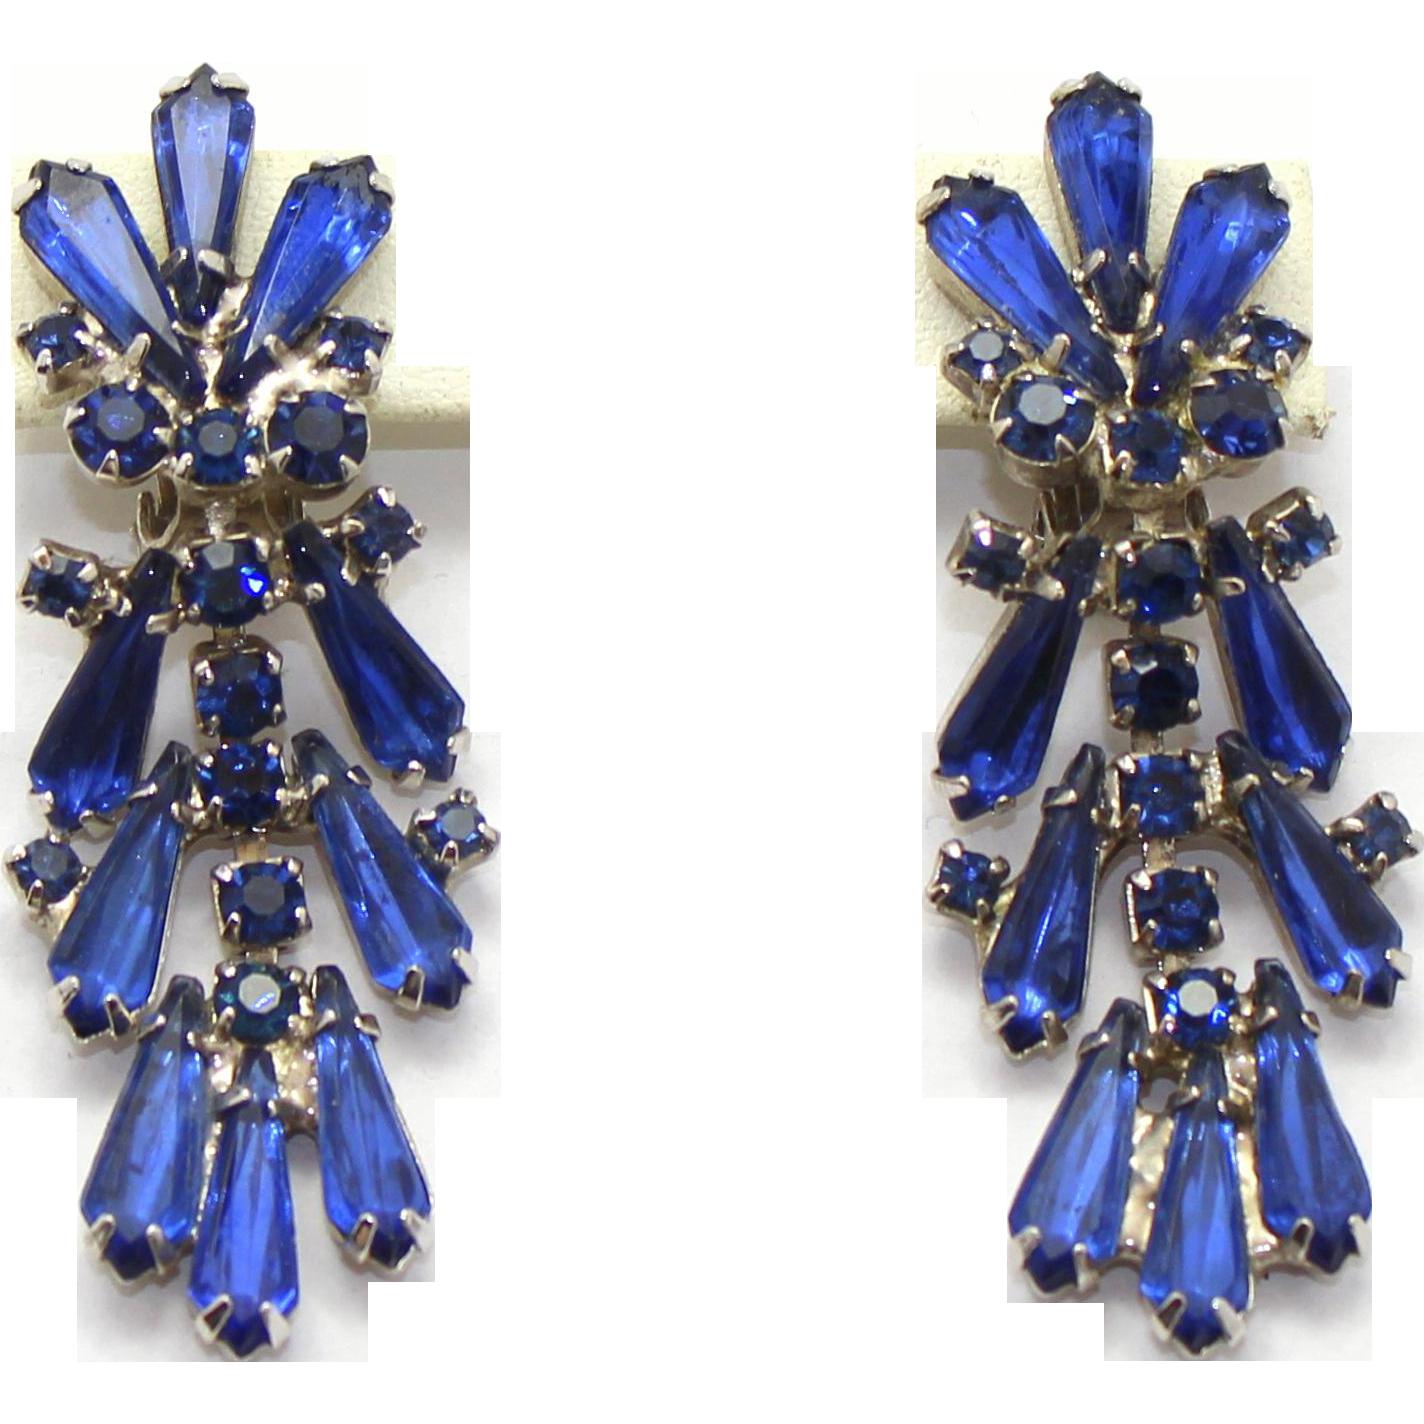 Vintage Juliana (D&E) Book Piece Blue Spear Shaped Rhinestone Dangle Earrings